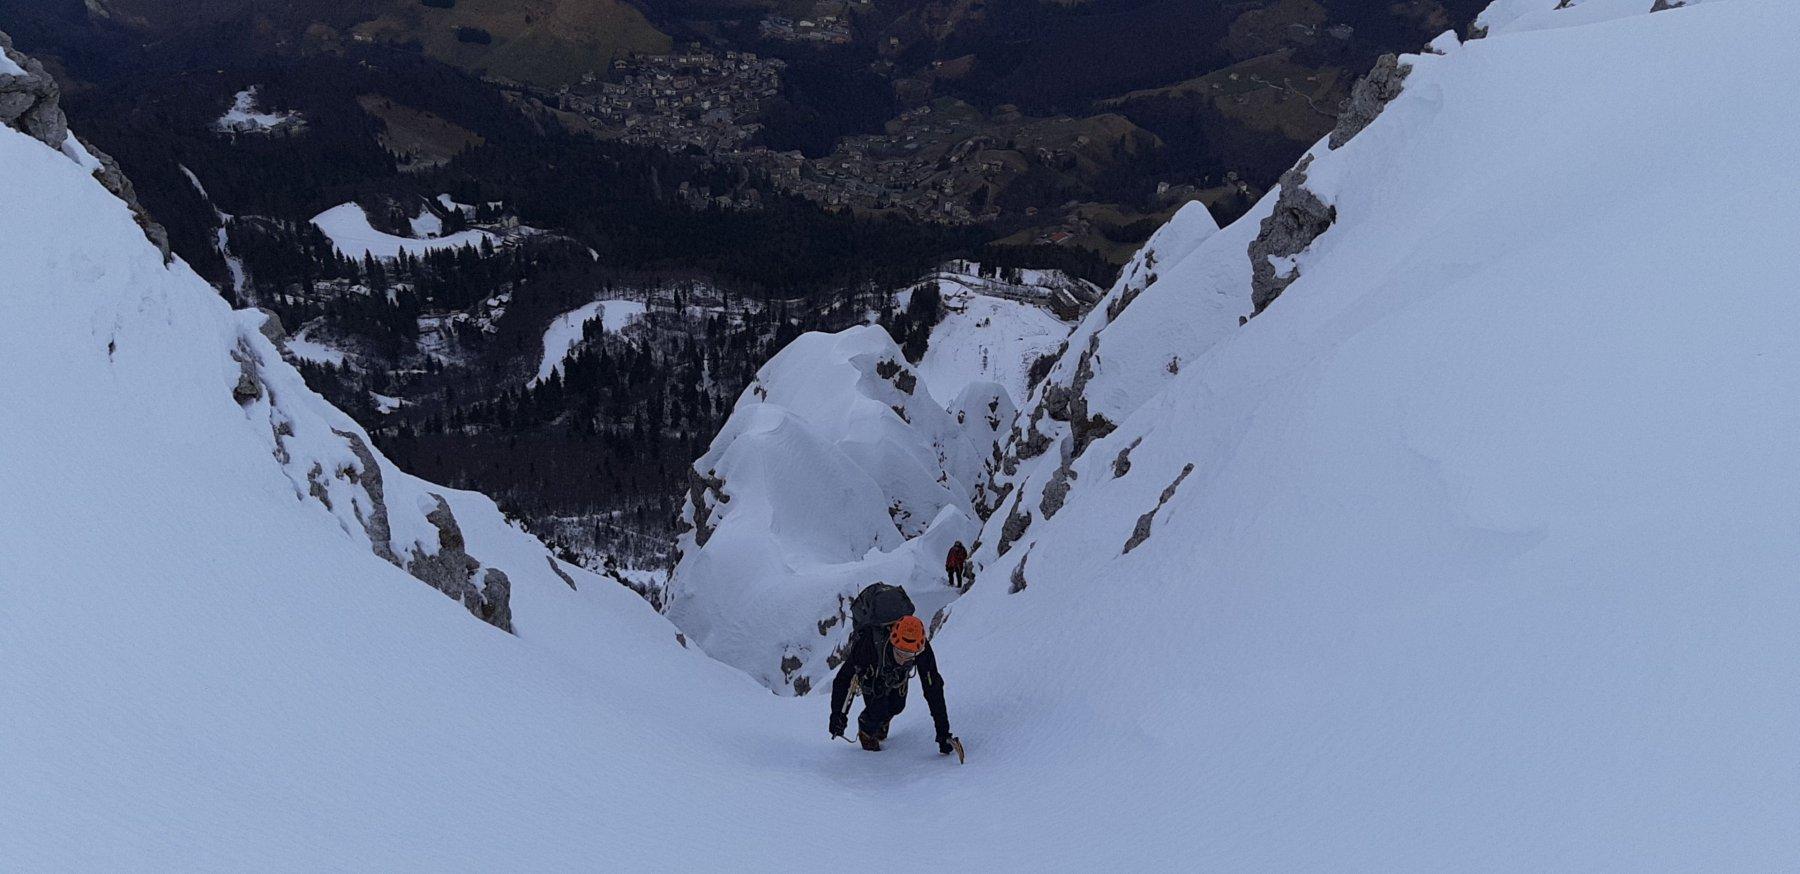 Alben (Monte) Canale de la Nona 2019-12-27